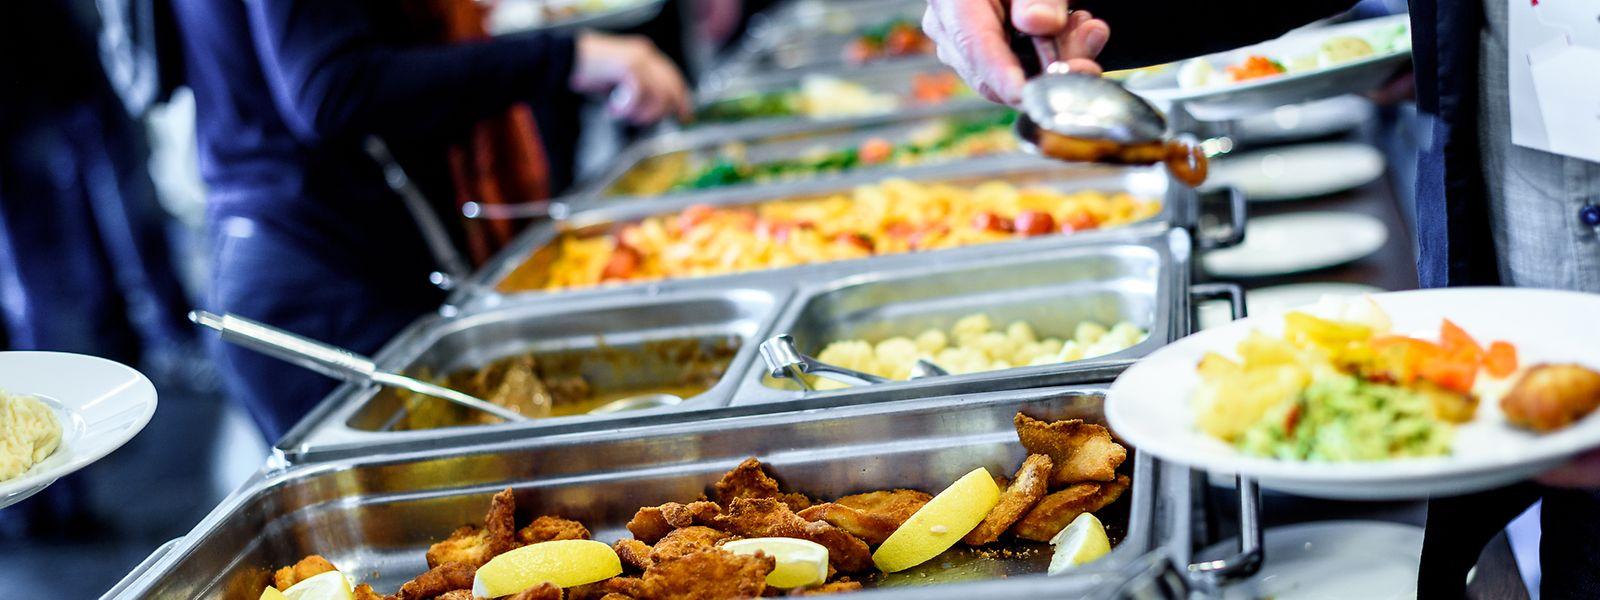 Avant la crise, ce sont plus de six millions de repas qui étaient servis chaque année dans les restaurants d'entreprise.